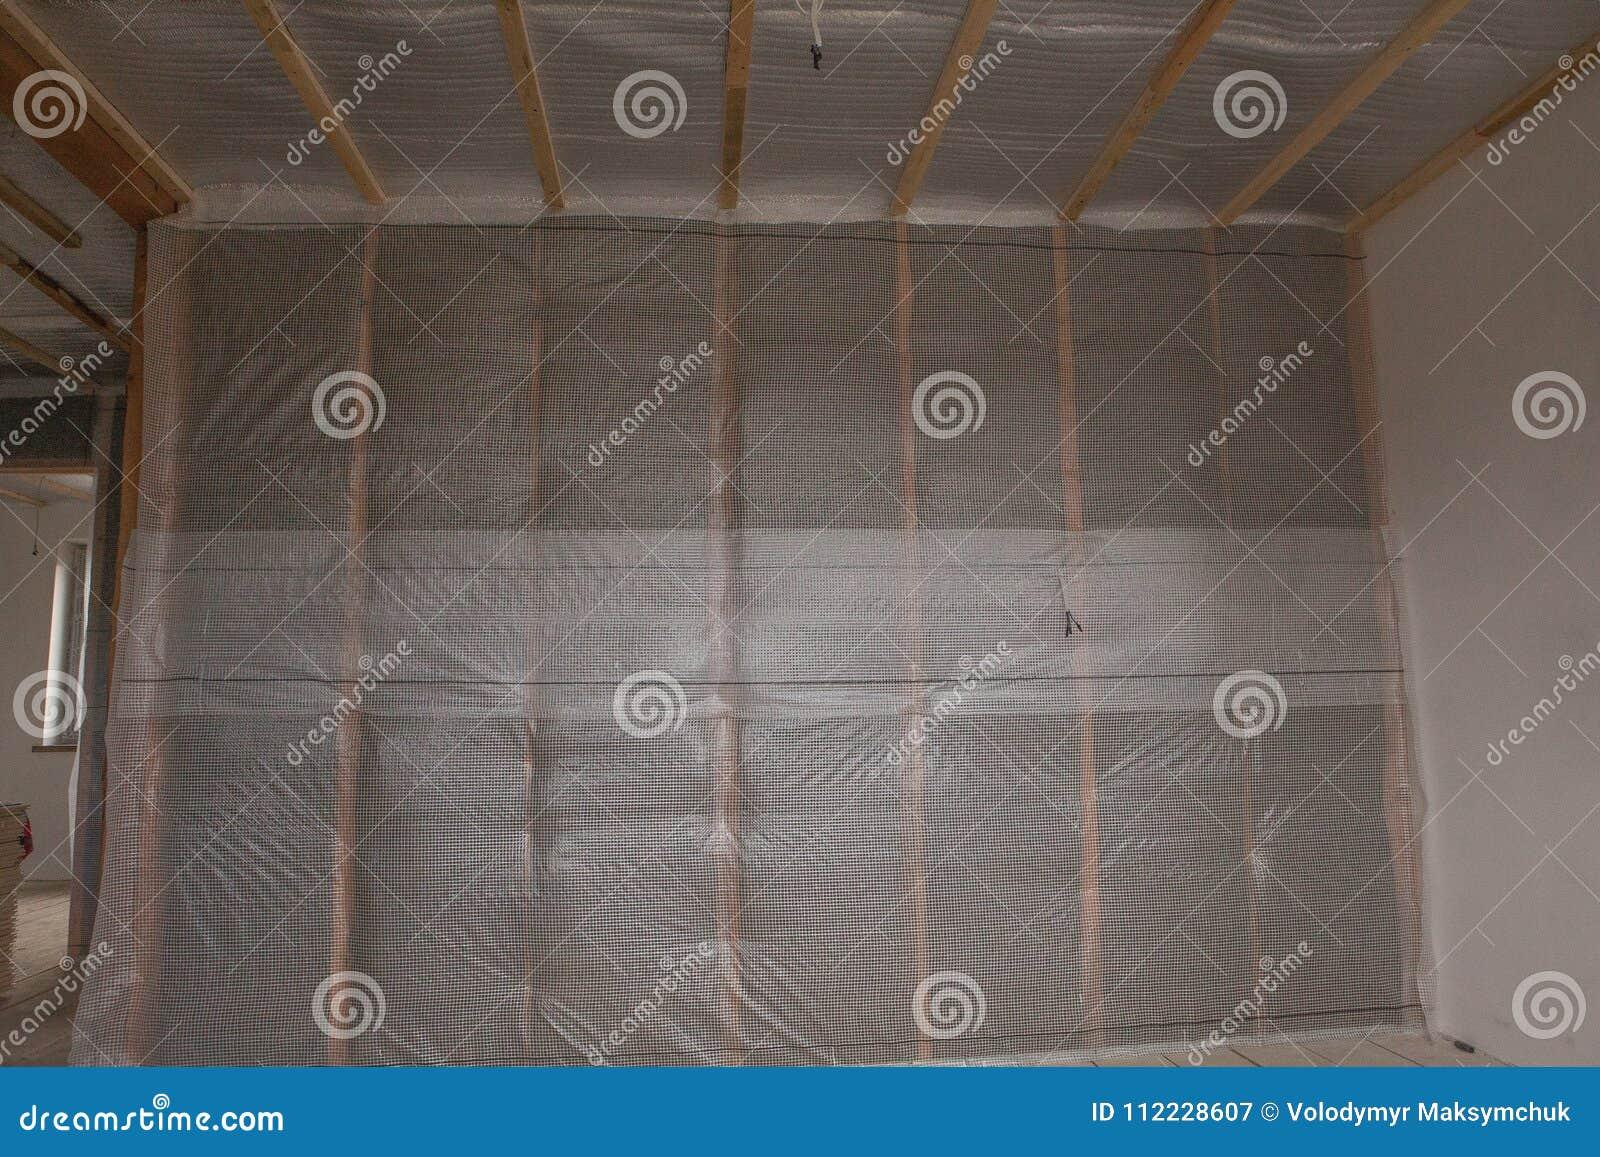 Thermal- und hidroisolierung ummauern neues Wohnheim des Isolierungsbaus